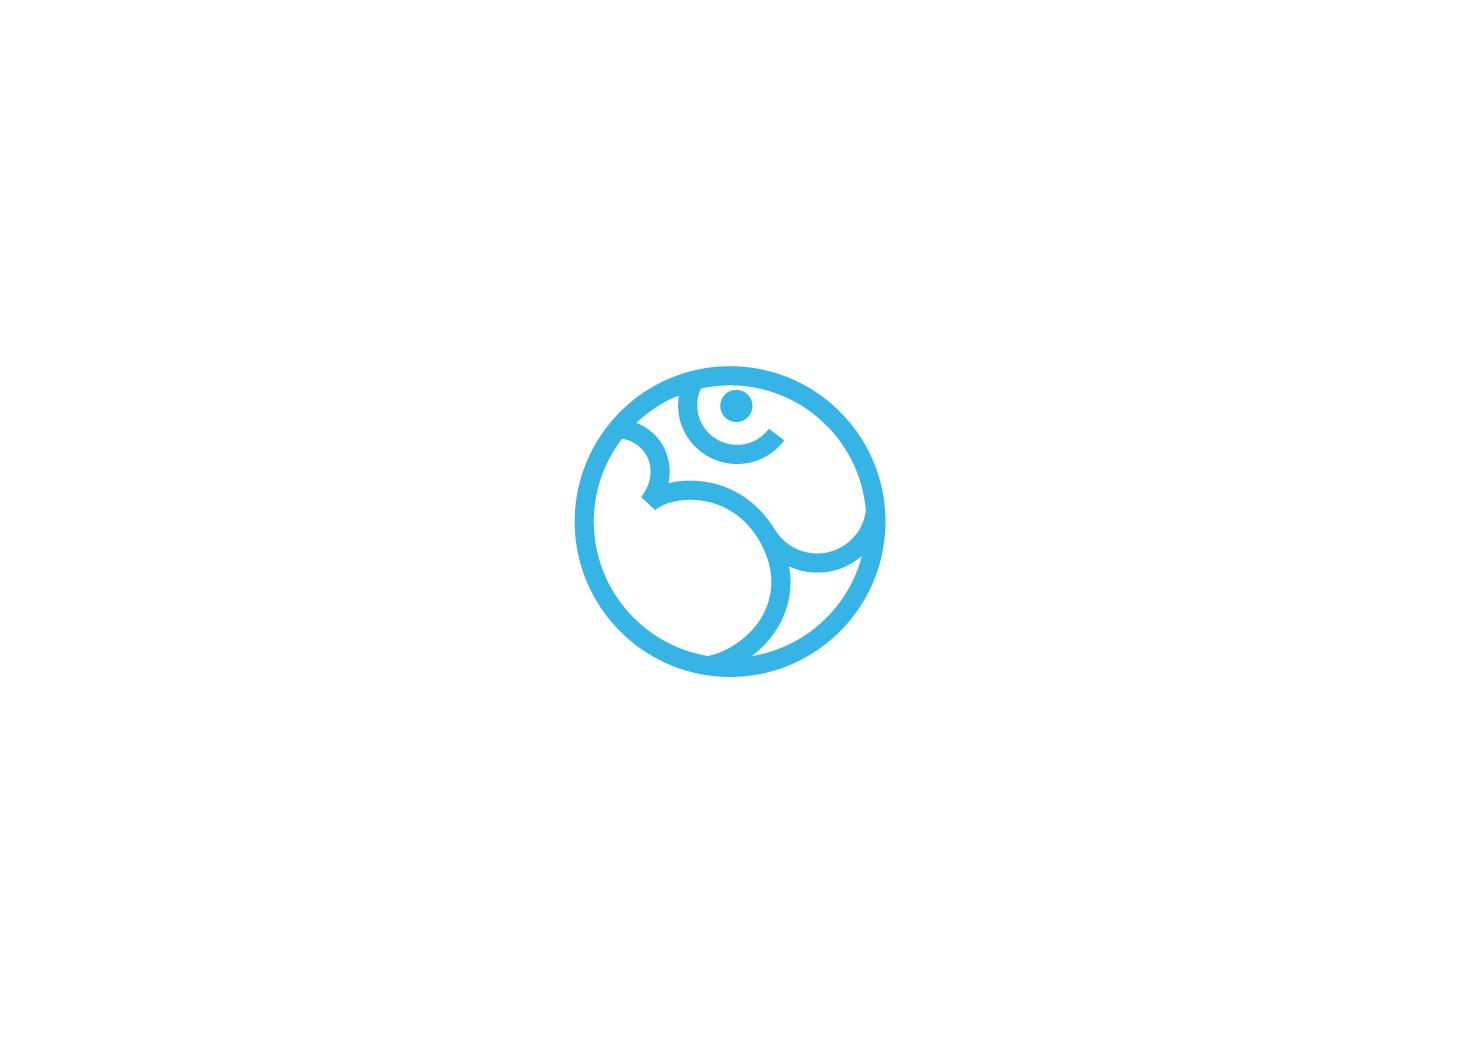 diseño-logotipo-online